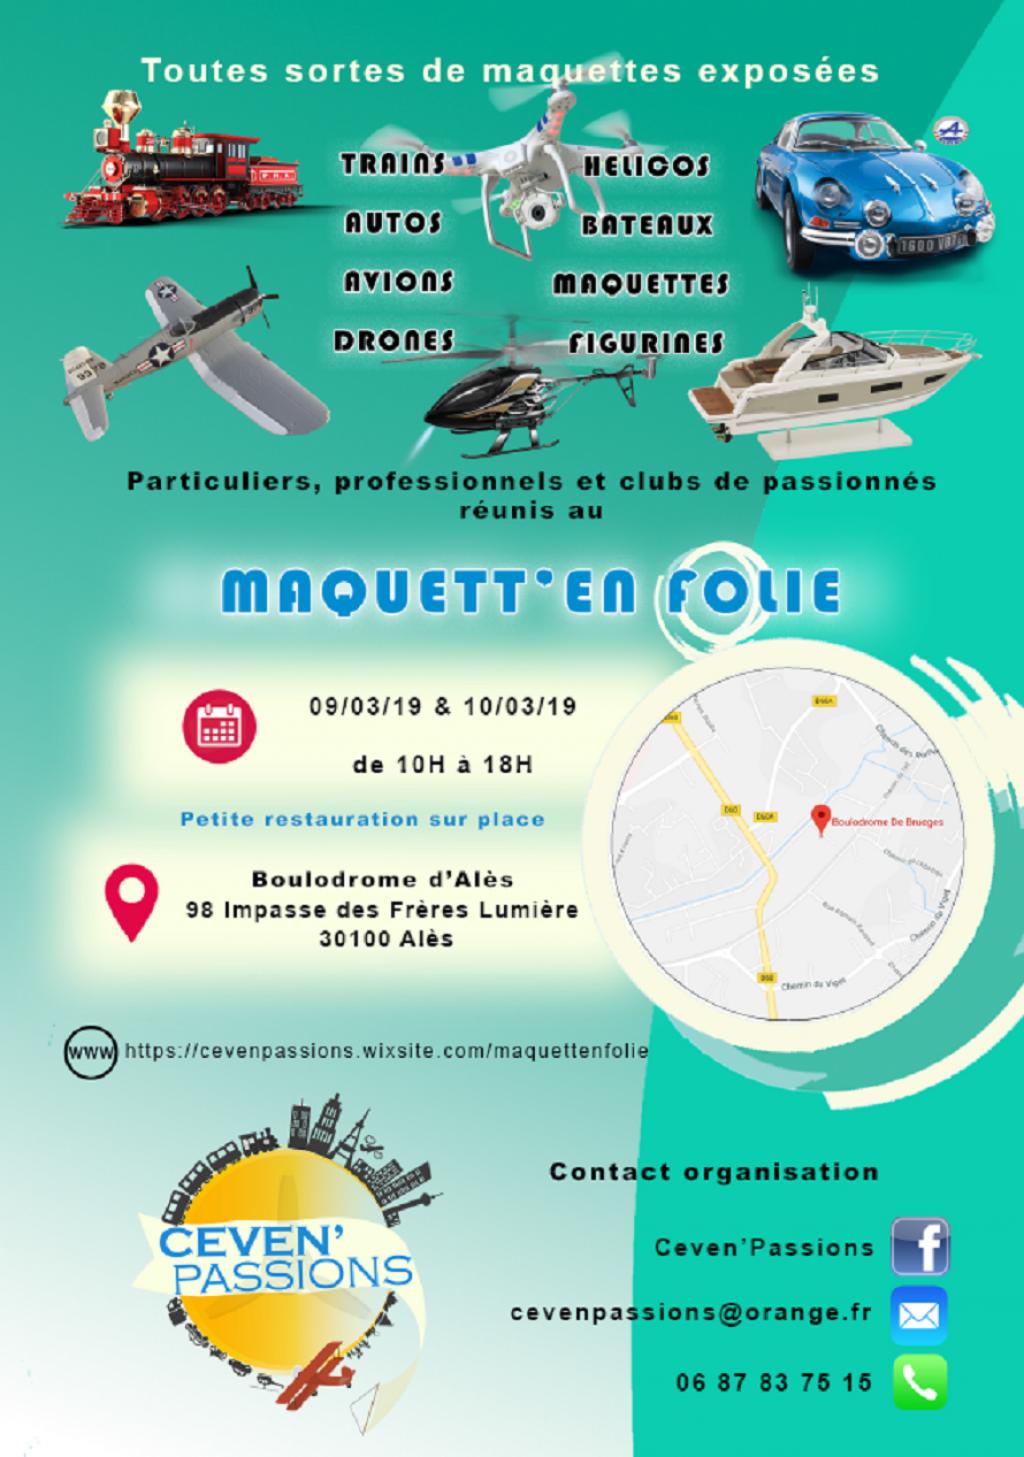 Salon Maquett'en folie Alès, les 9 et 10 mars 2019 2019-ales-maquett-en-folie-55c4d9d